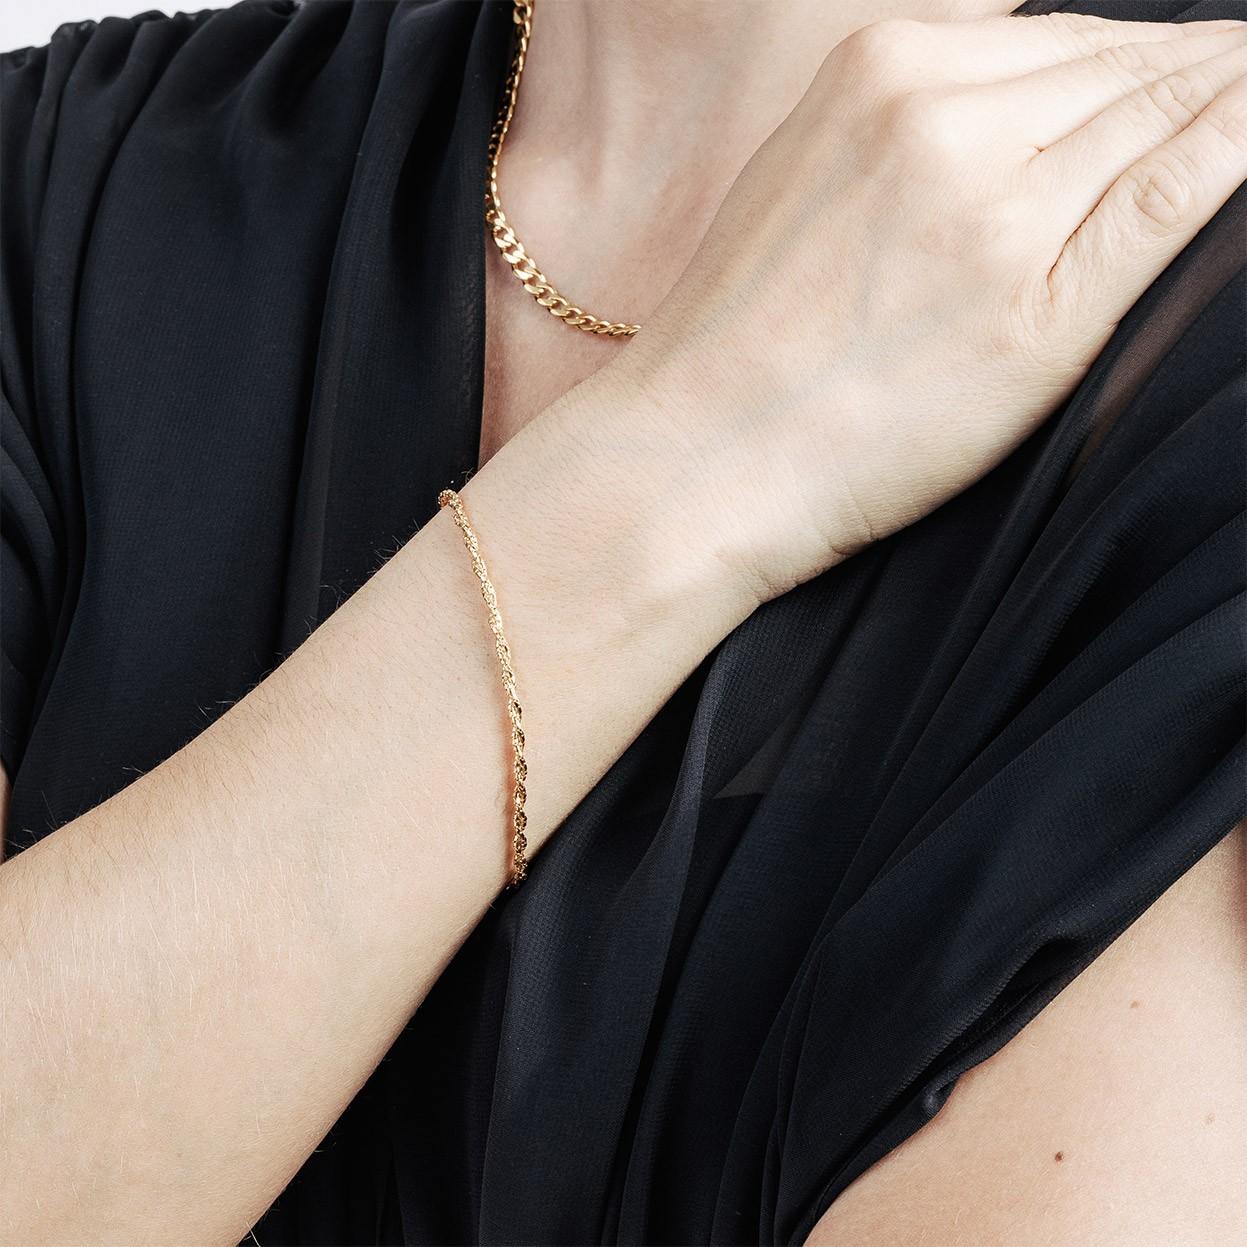 Srebrna bransoletka pleciona z 2 łańcuszków 925